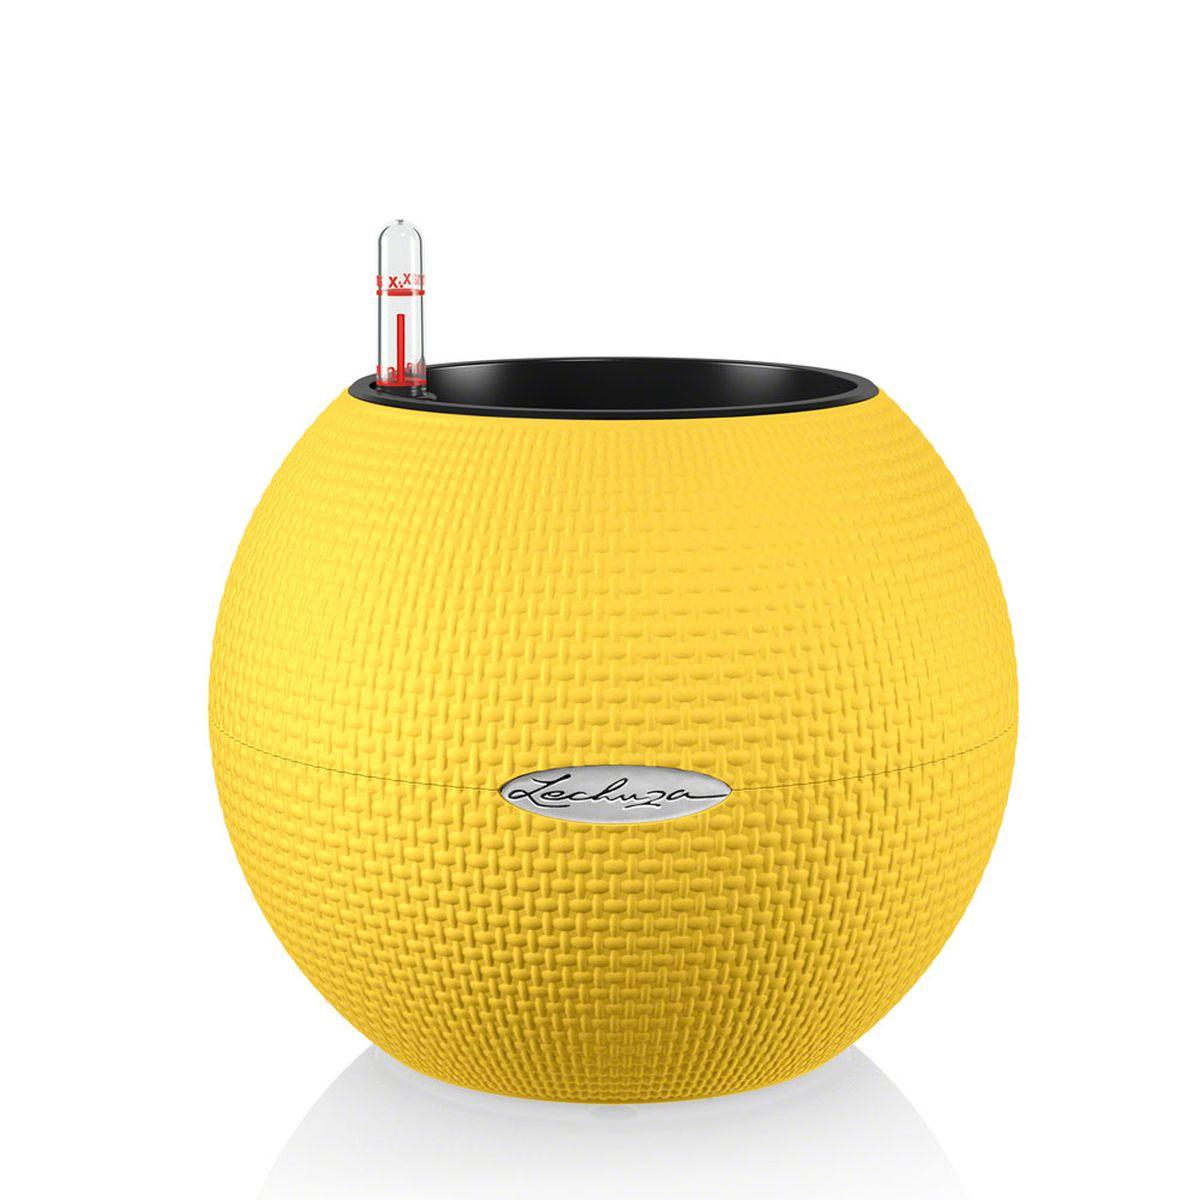 Кашпо Lechuza Color Puro, с системой автополива, цвет: желтый, диаметр 20 см13367Круглое кашпо Lechuza Color Puro, выполненное из высококачественного пластика, имеет уникальную систему автополива, благодаря которой корневая система растения непрерывно снабжается влагой из резервуара. Уровень воды в резервуаре контролируется с помощью специального индикатора. В зависимости от размера кашпо и растения воды хватает на 2-12 недель. Это способствует хорошему росту цветов и предотвращает переувлажнение.В набор входит: кашпо, внутренний горшок, индикатор уровня воды, резервуар для воды. Внутренний горшок, оснащенный выдвижными ручками, обеспечивает:- легкую переноску даже высоких растений;- легкую смену растений;- можно также просто убрать растения на зиму;- винт в днище позволяет стечь излишней дождевой воде наружу.Кашпо Lechuza Color Puro прекрасно впишется в интерьер больших холлов, террас ресторанов и уютных гостиных. Изделие поможет расставить нужные акценты и придаст помещению вид, соответствующий вашим представлениям.